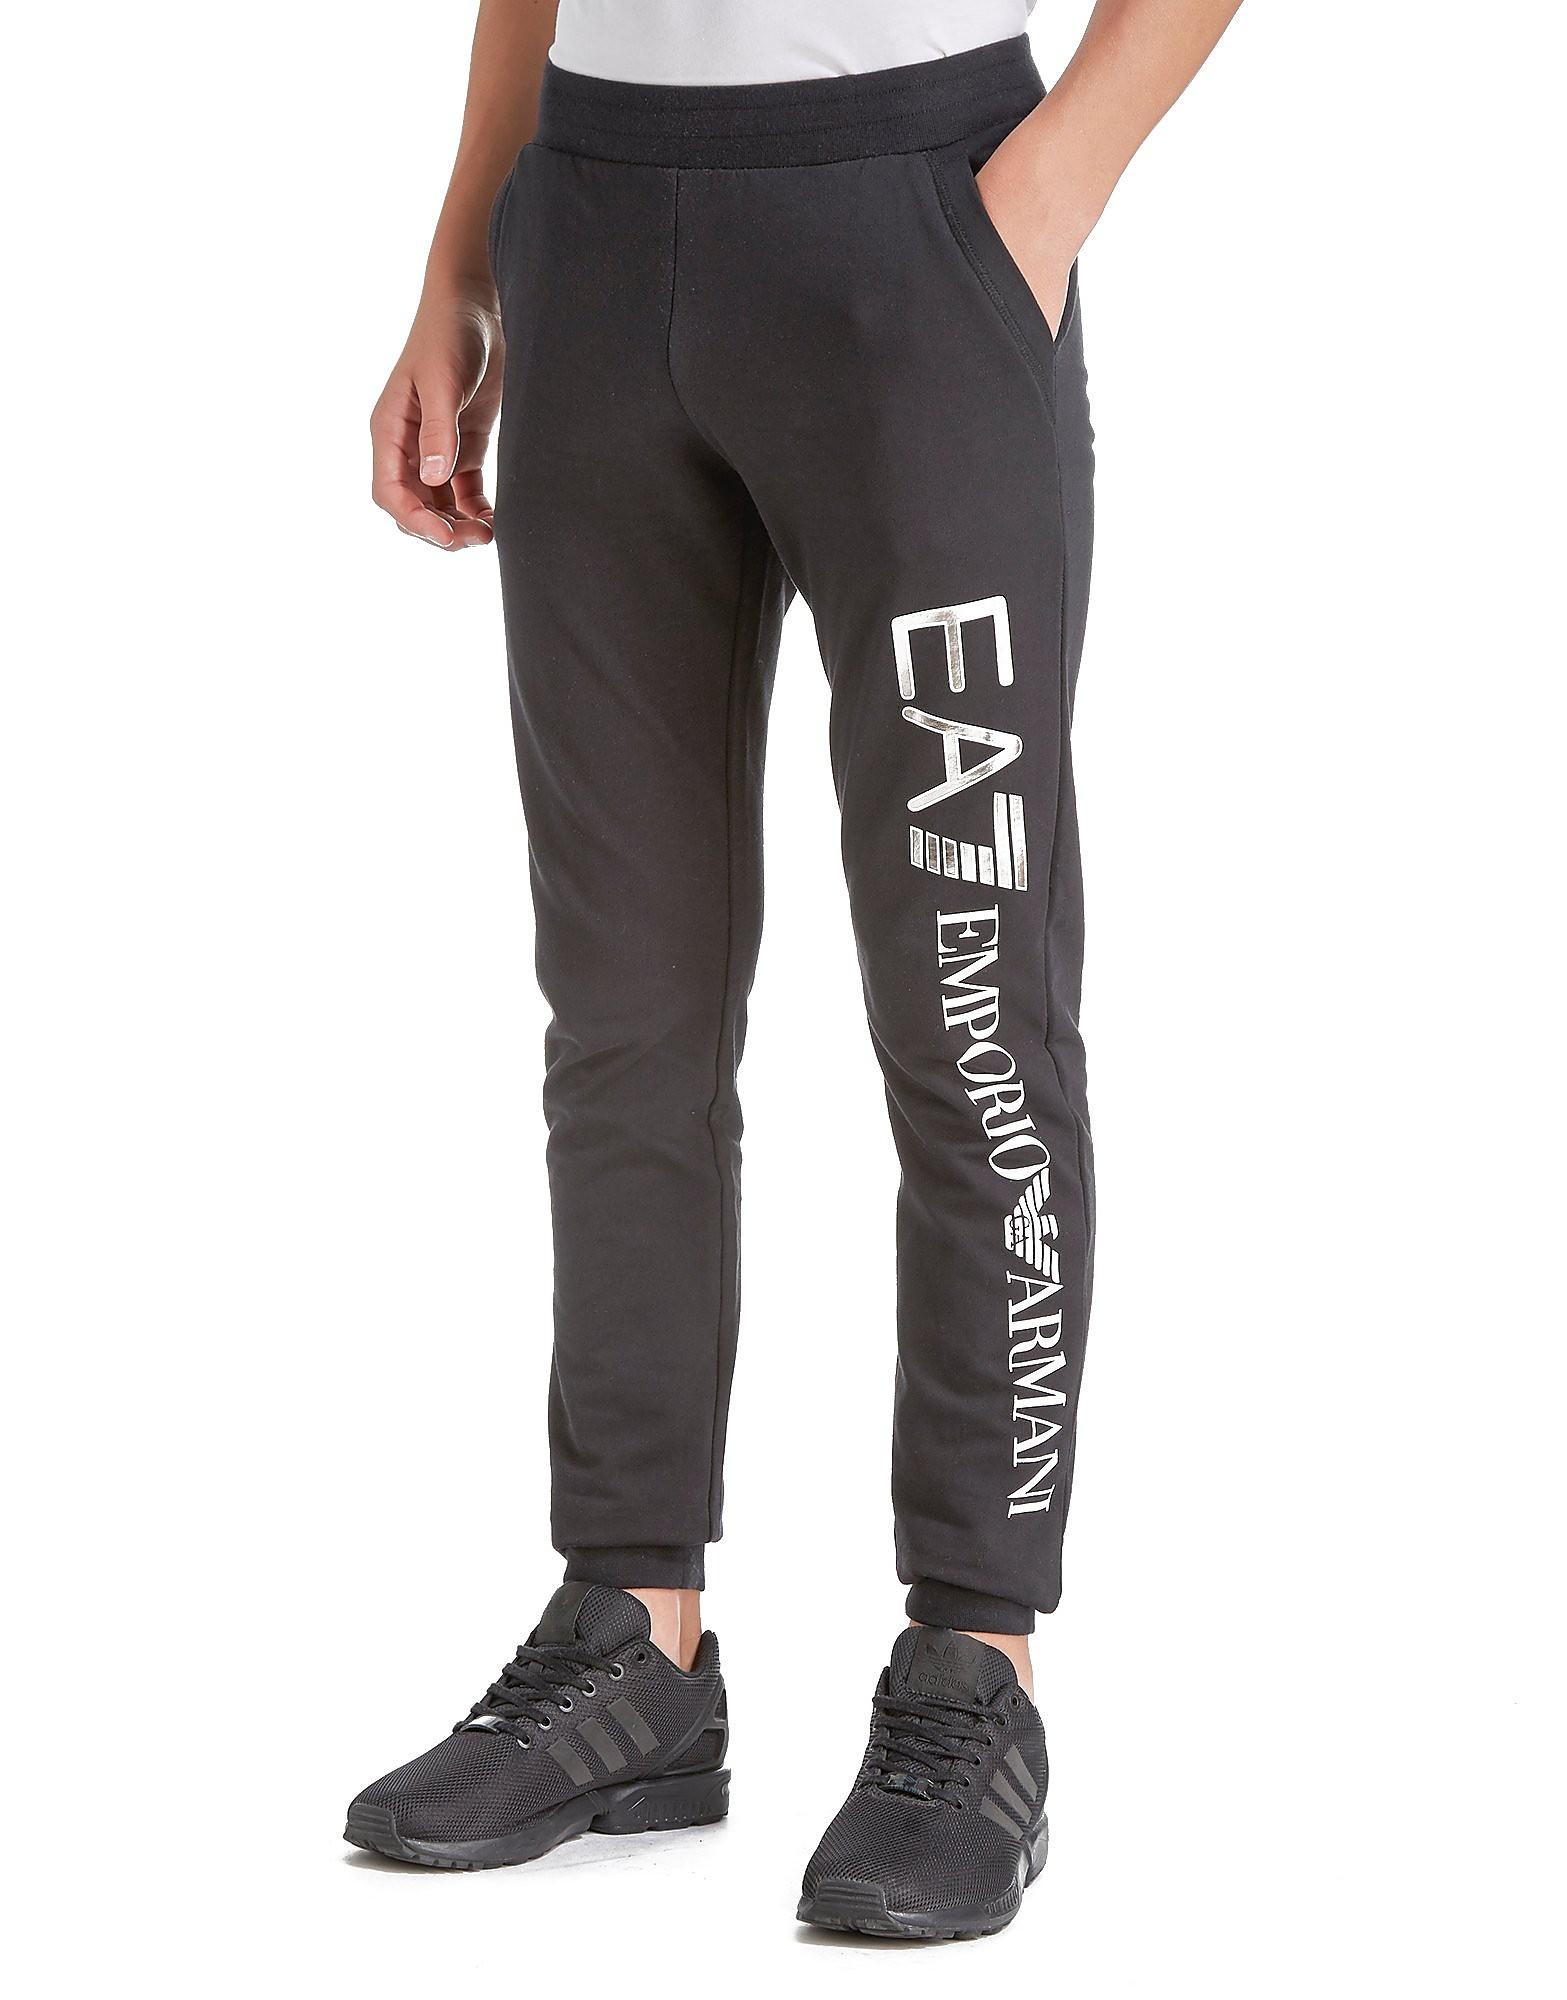 Emporio Armani EA7 Foil Logo Cuff Pants Junior